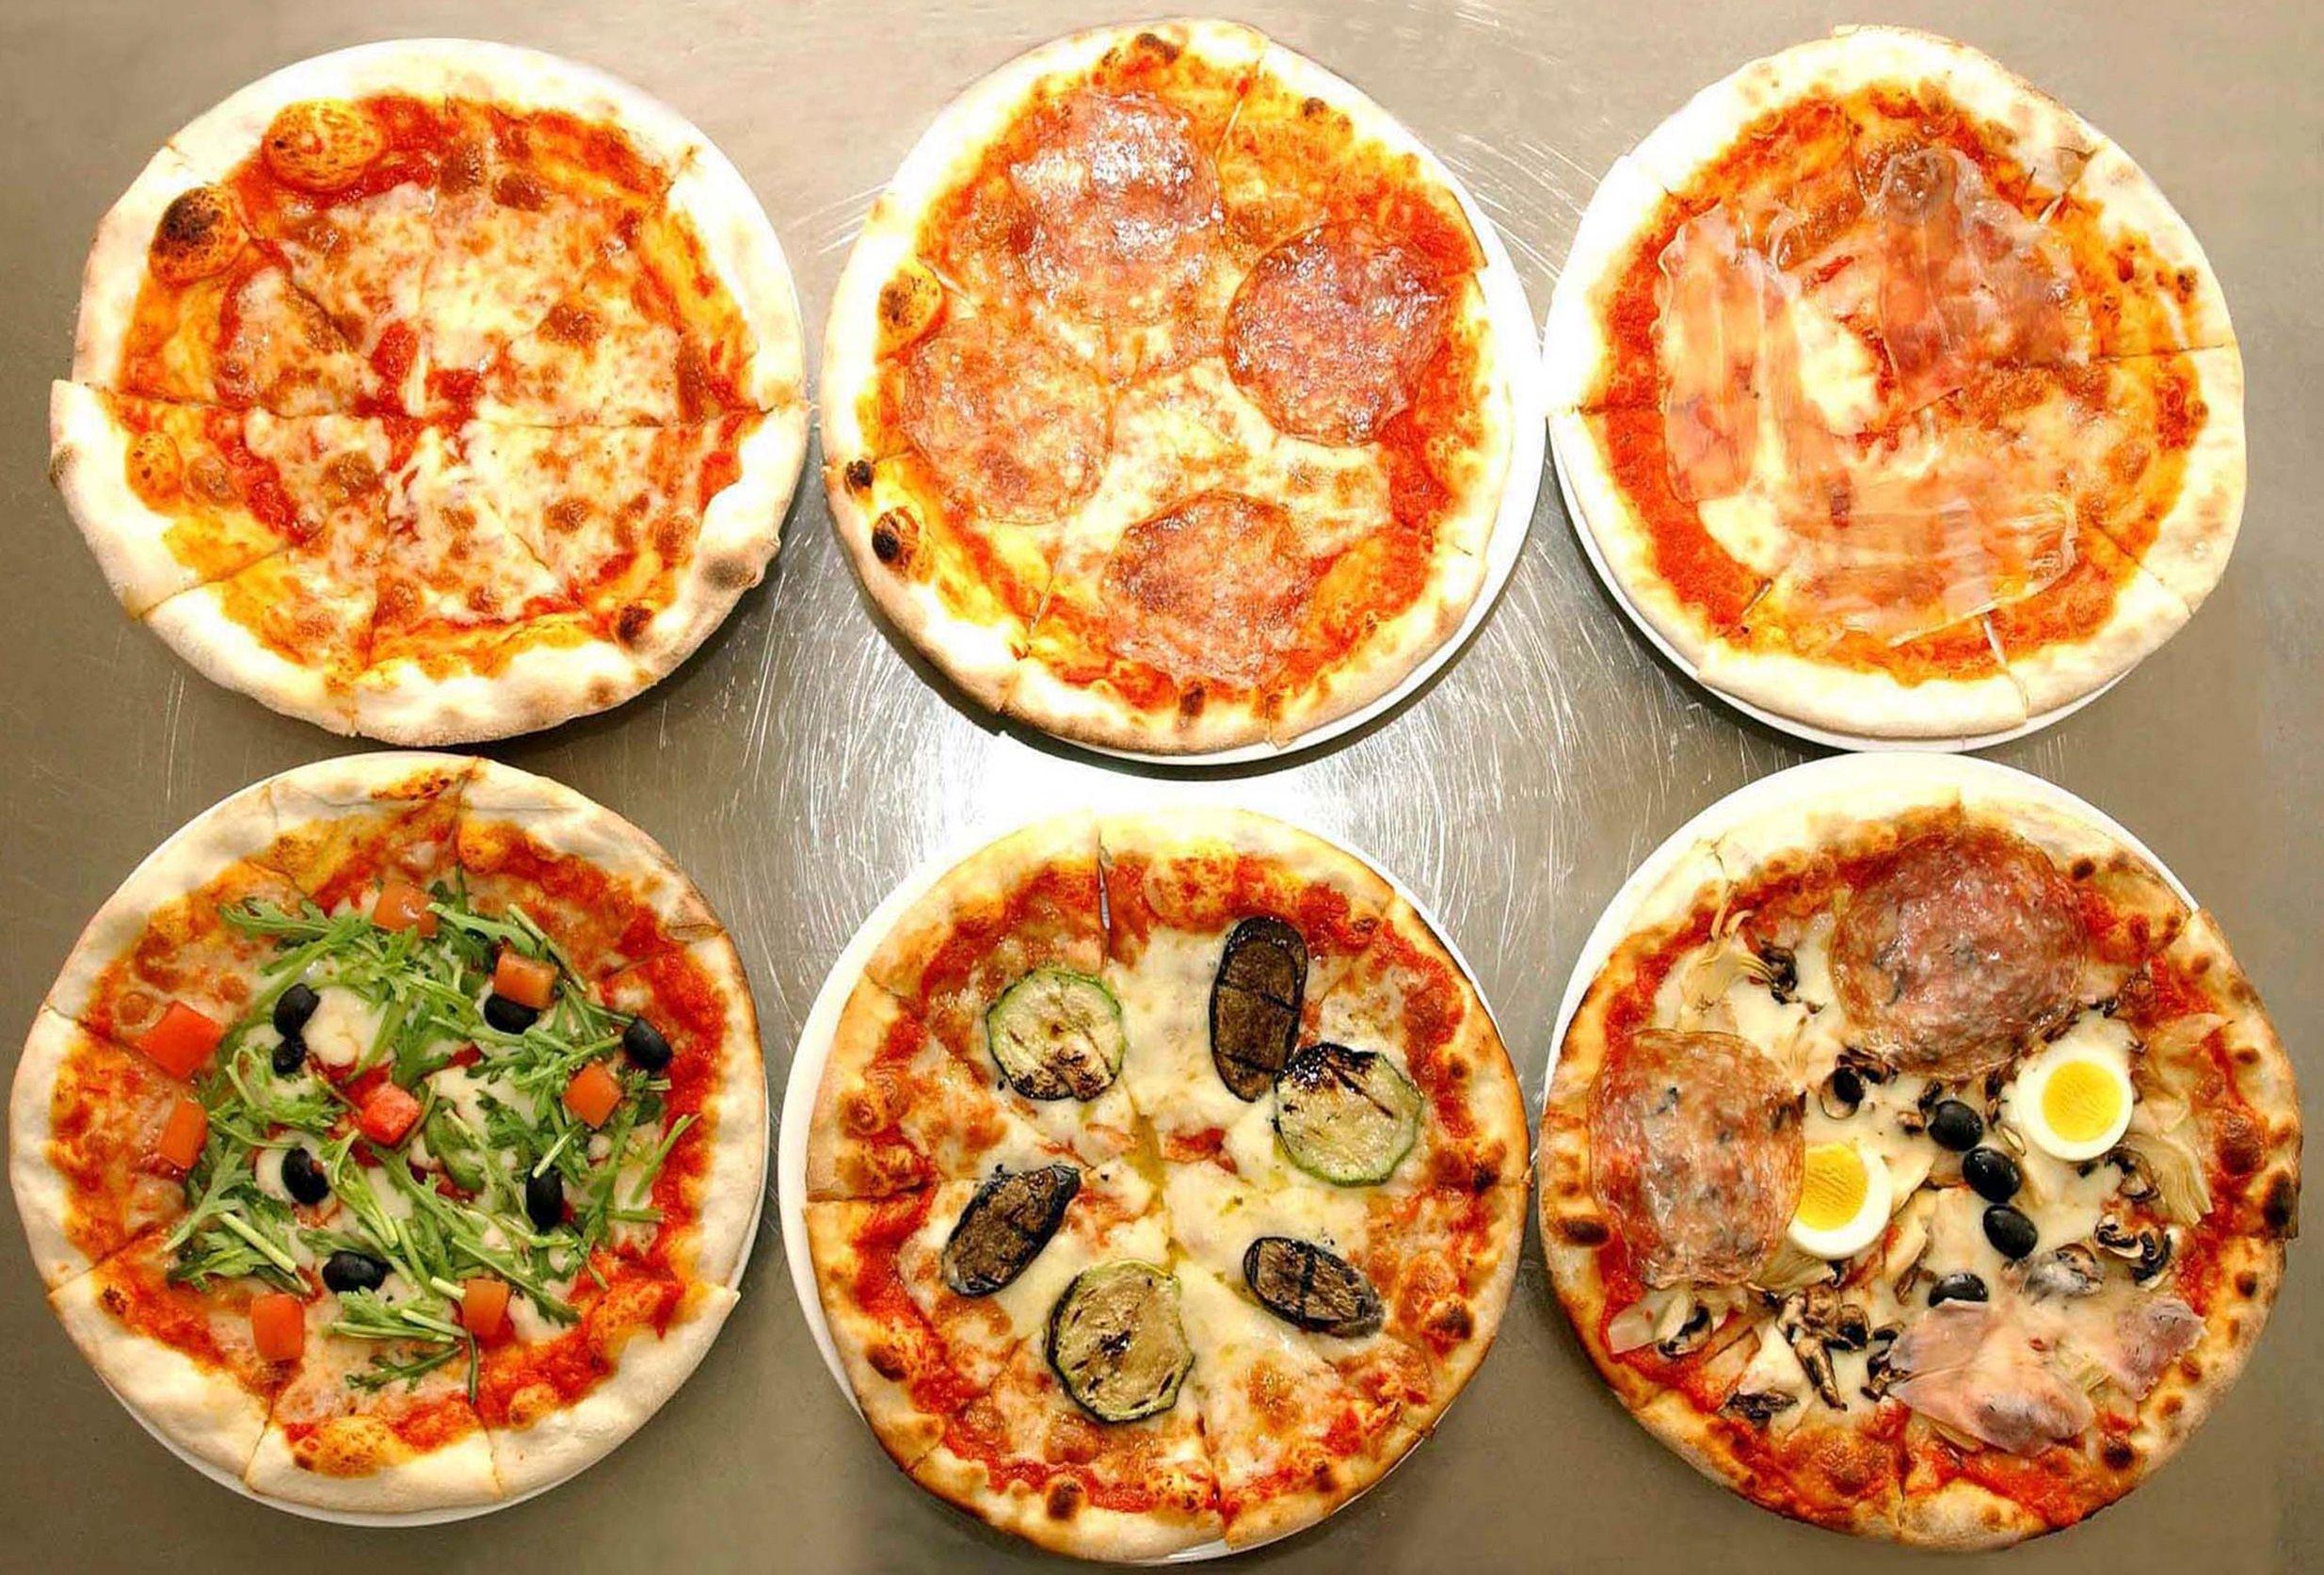 L'imprimante 3 D permet de créer des pizzas.